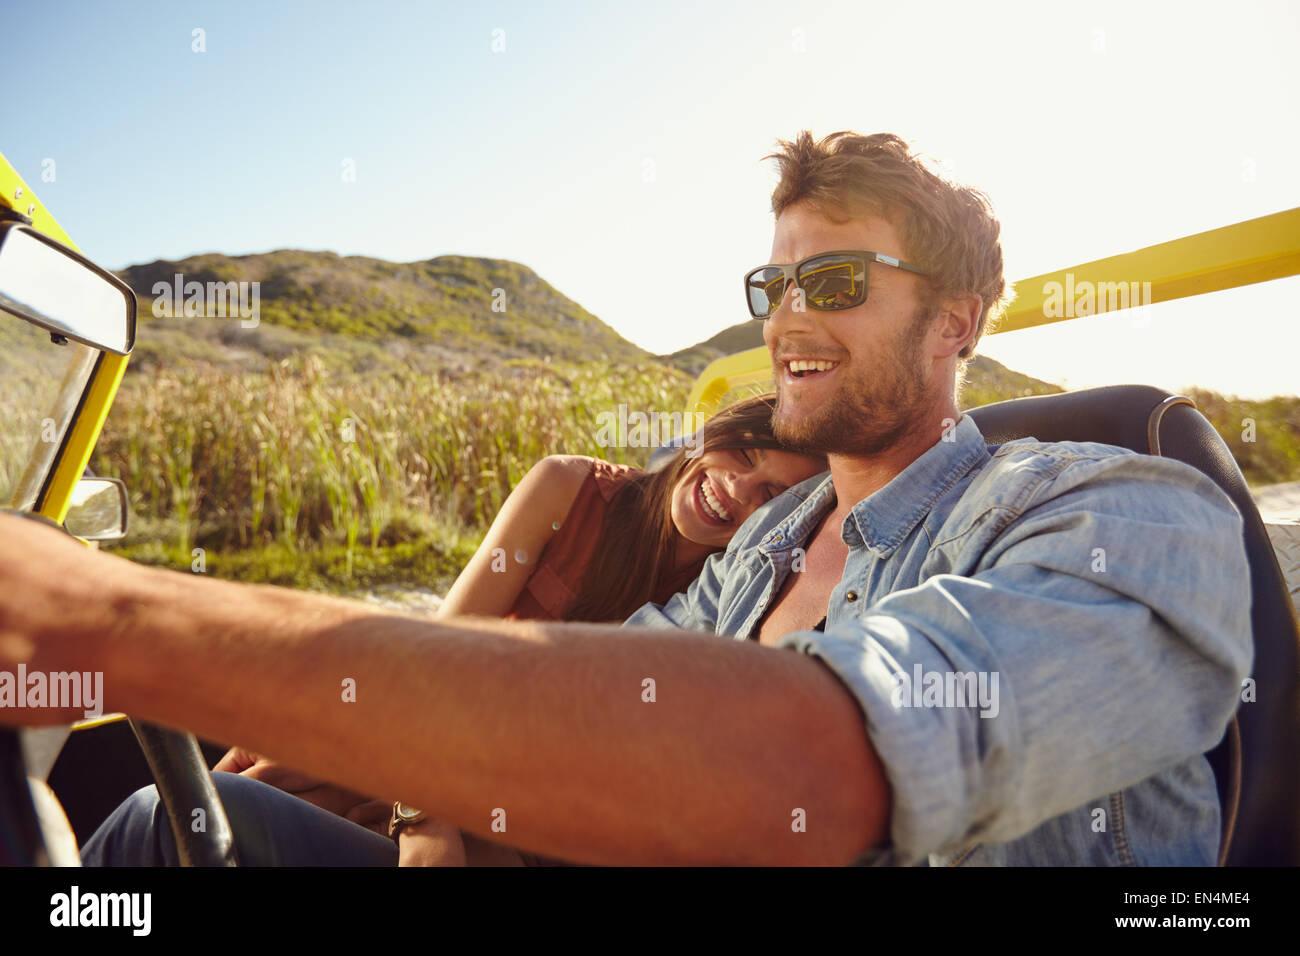 Joven pareja feliz yendo de vacaciones juntos en coche. Tierna pareja disfrutando en un viaje por carretera. Imagen De Stock